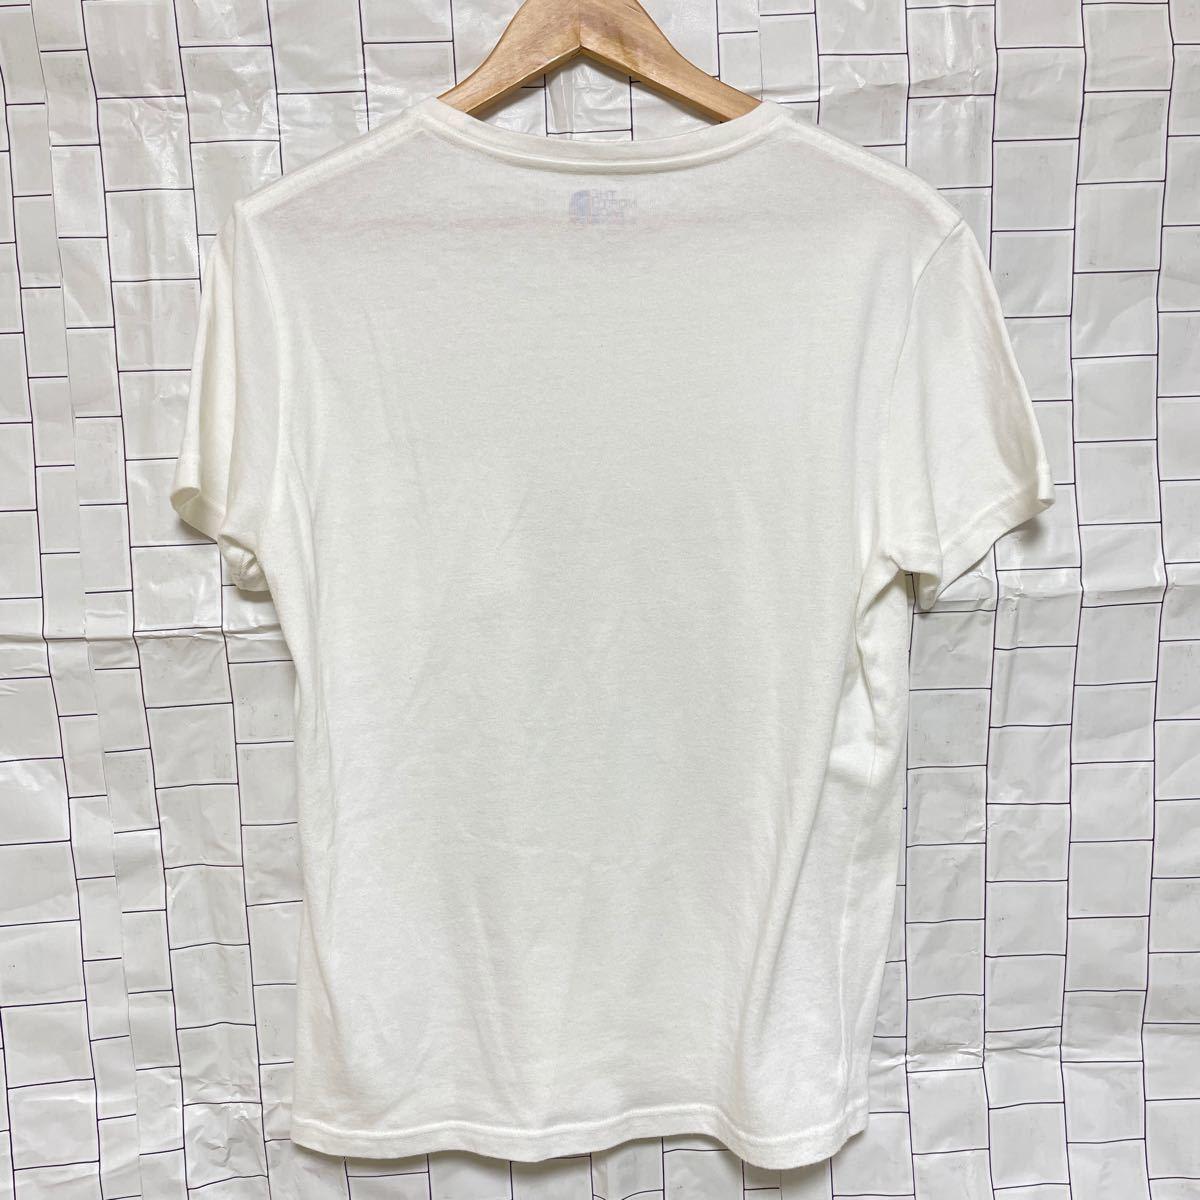 ノースフェイス Tシャツ ビックプリント パープルレーベル ザノースフェイス THE NORTH FACE ビッグロゴ